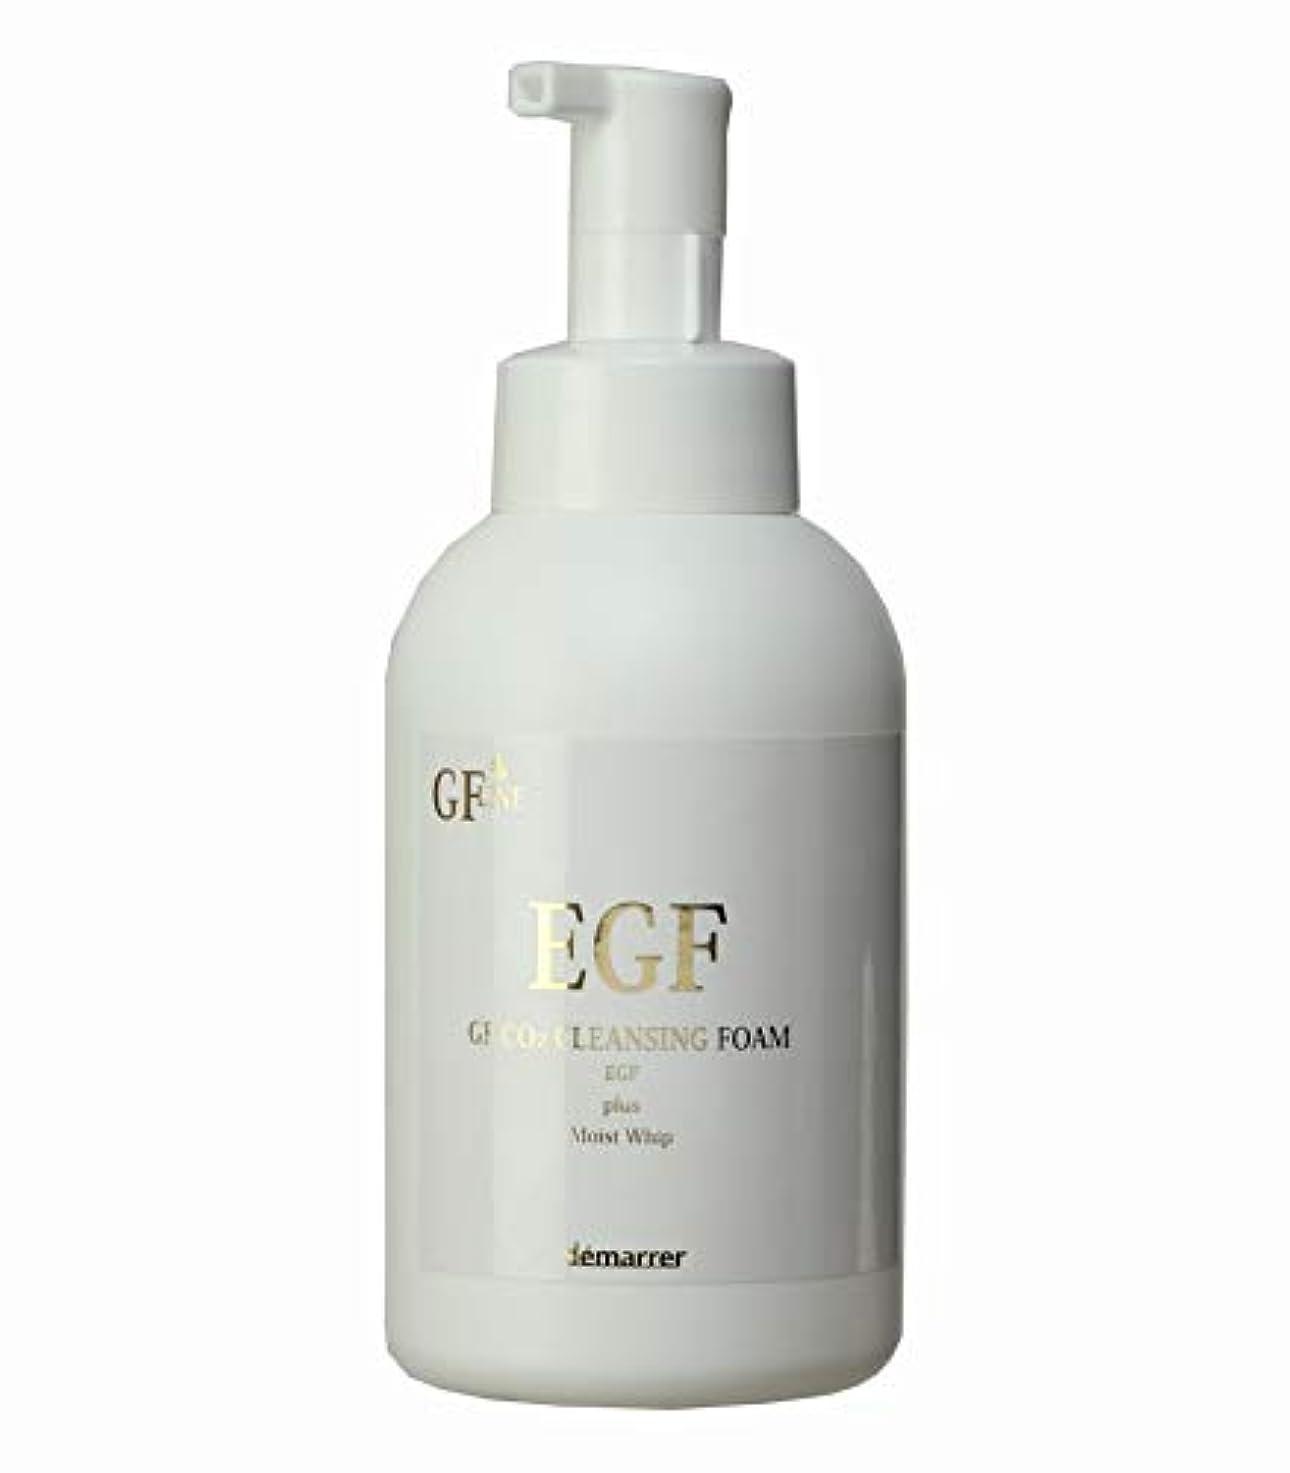 永久アルプスデクリメントデマレ GF炭酸洗顔フォーム 500ml